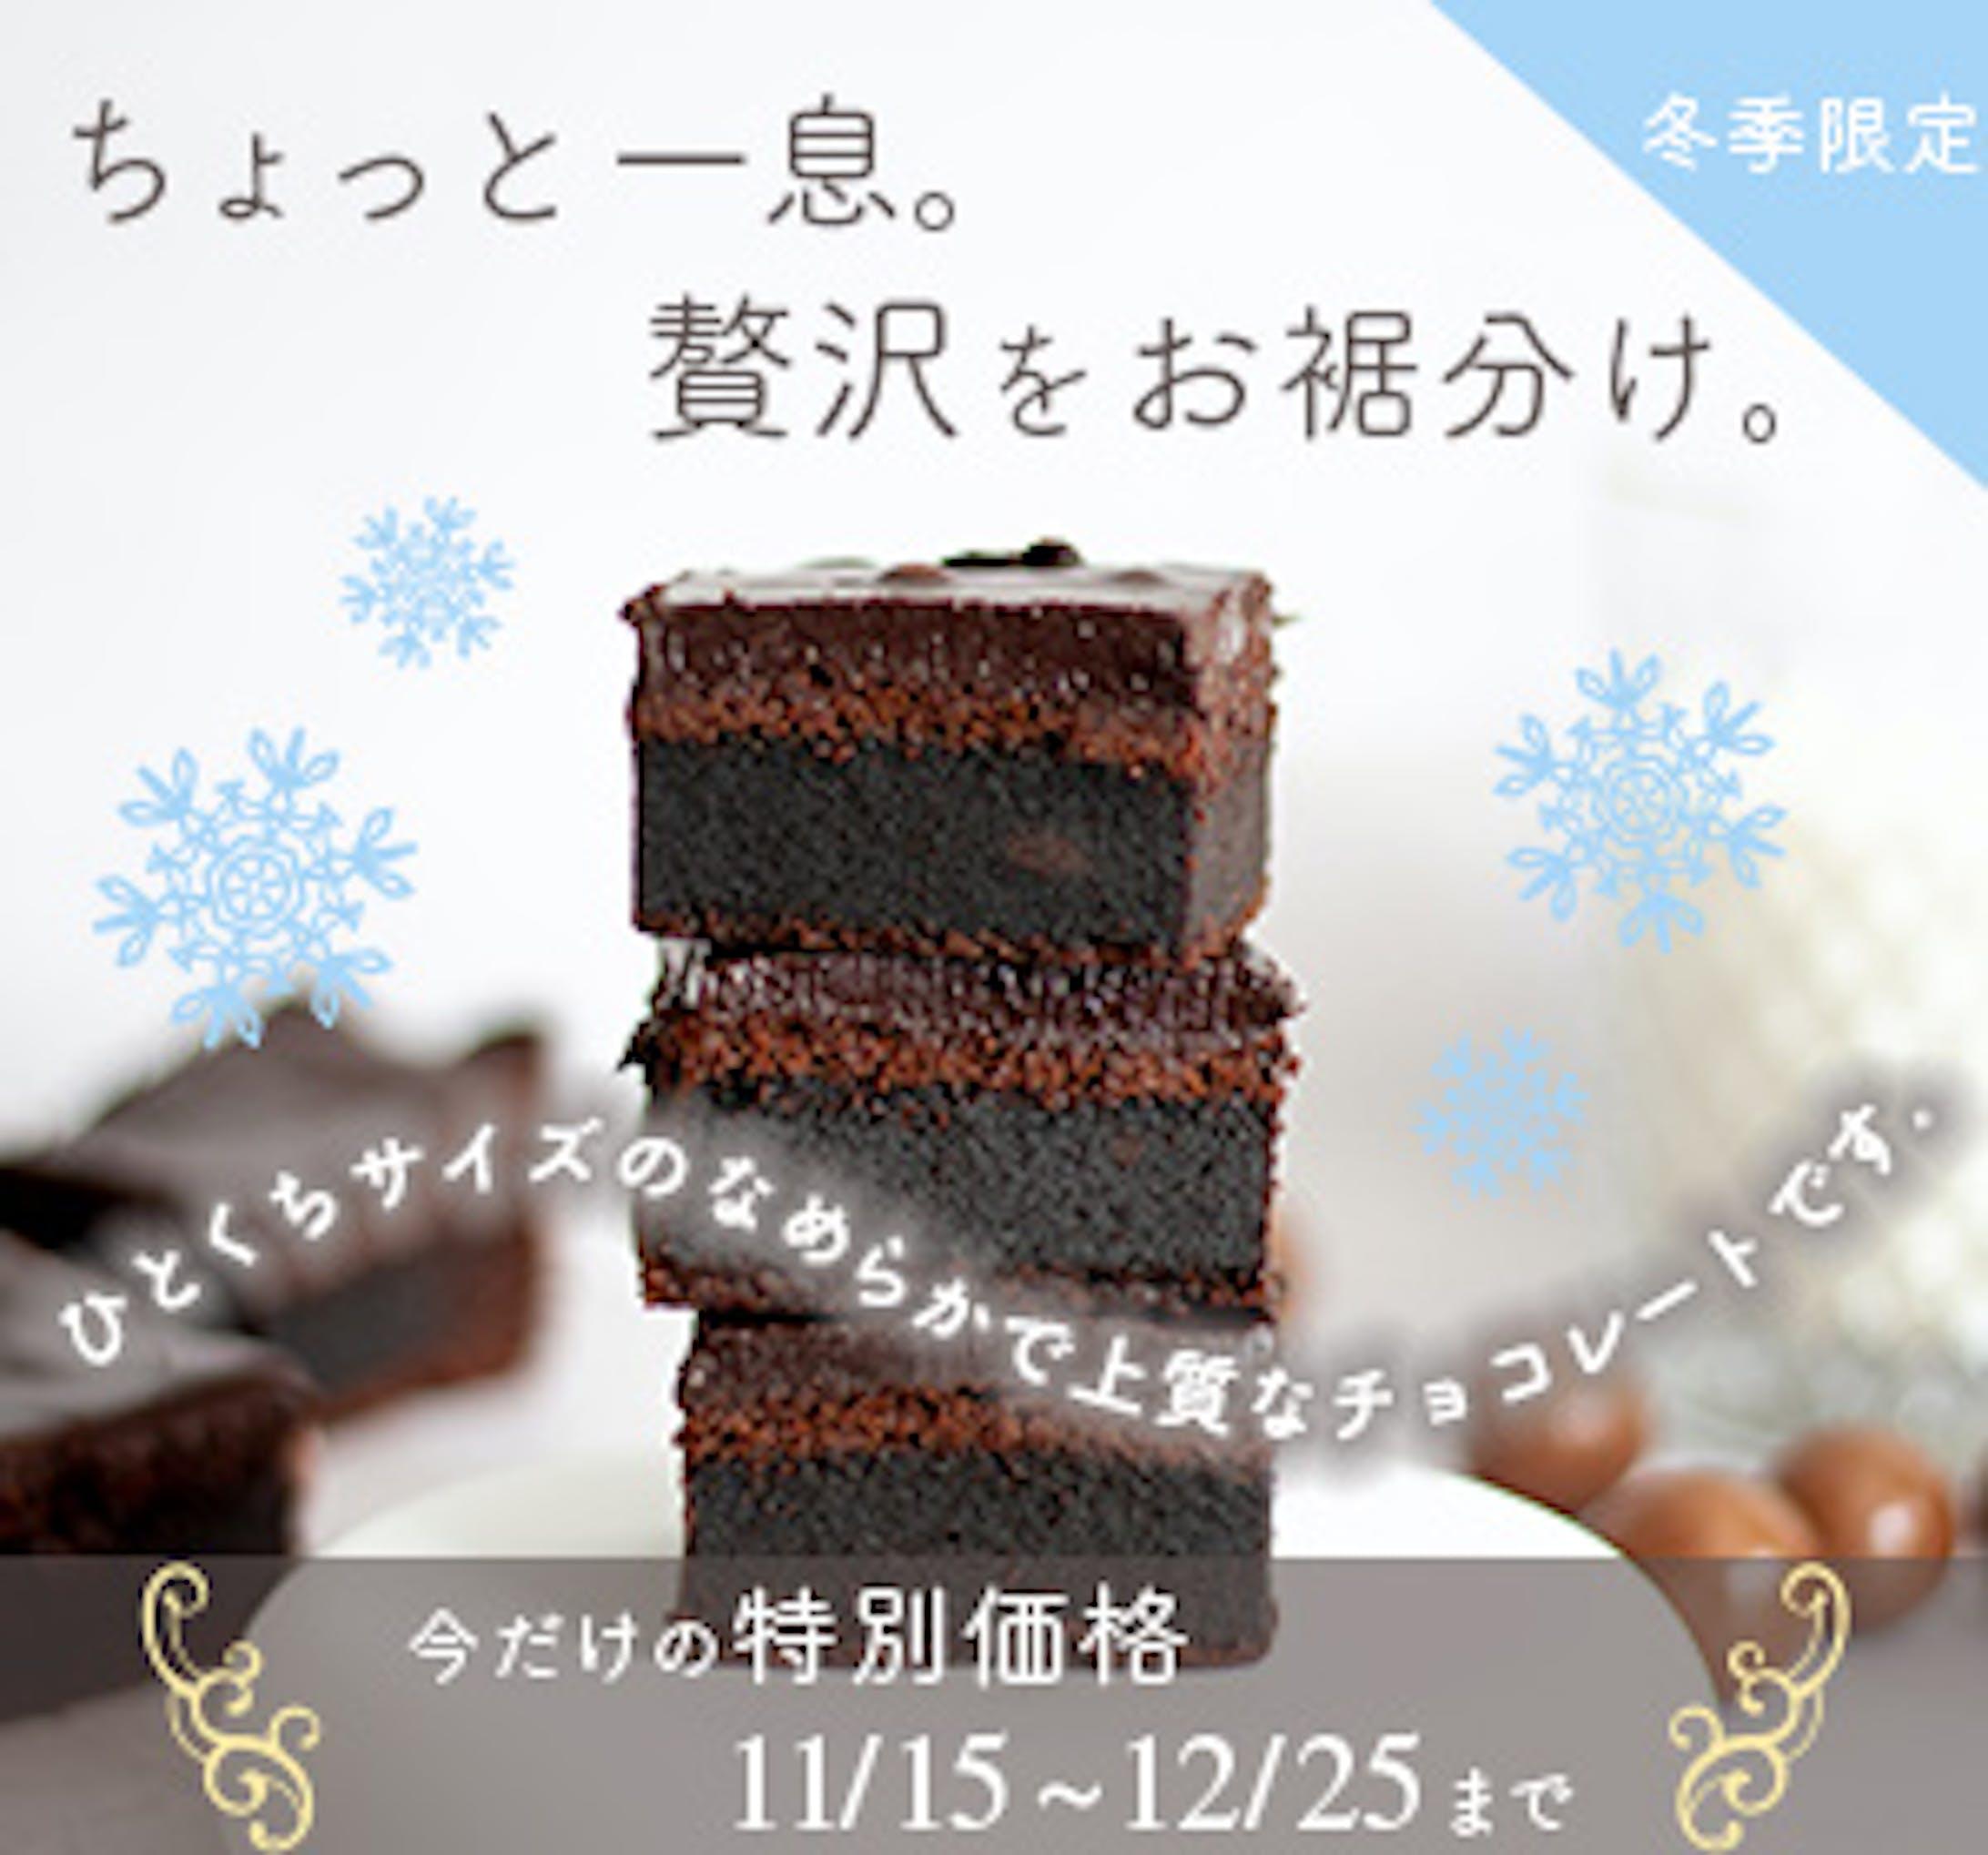 冬季限定チョコレートのバナー(架空)-1